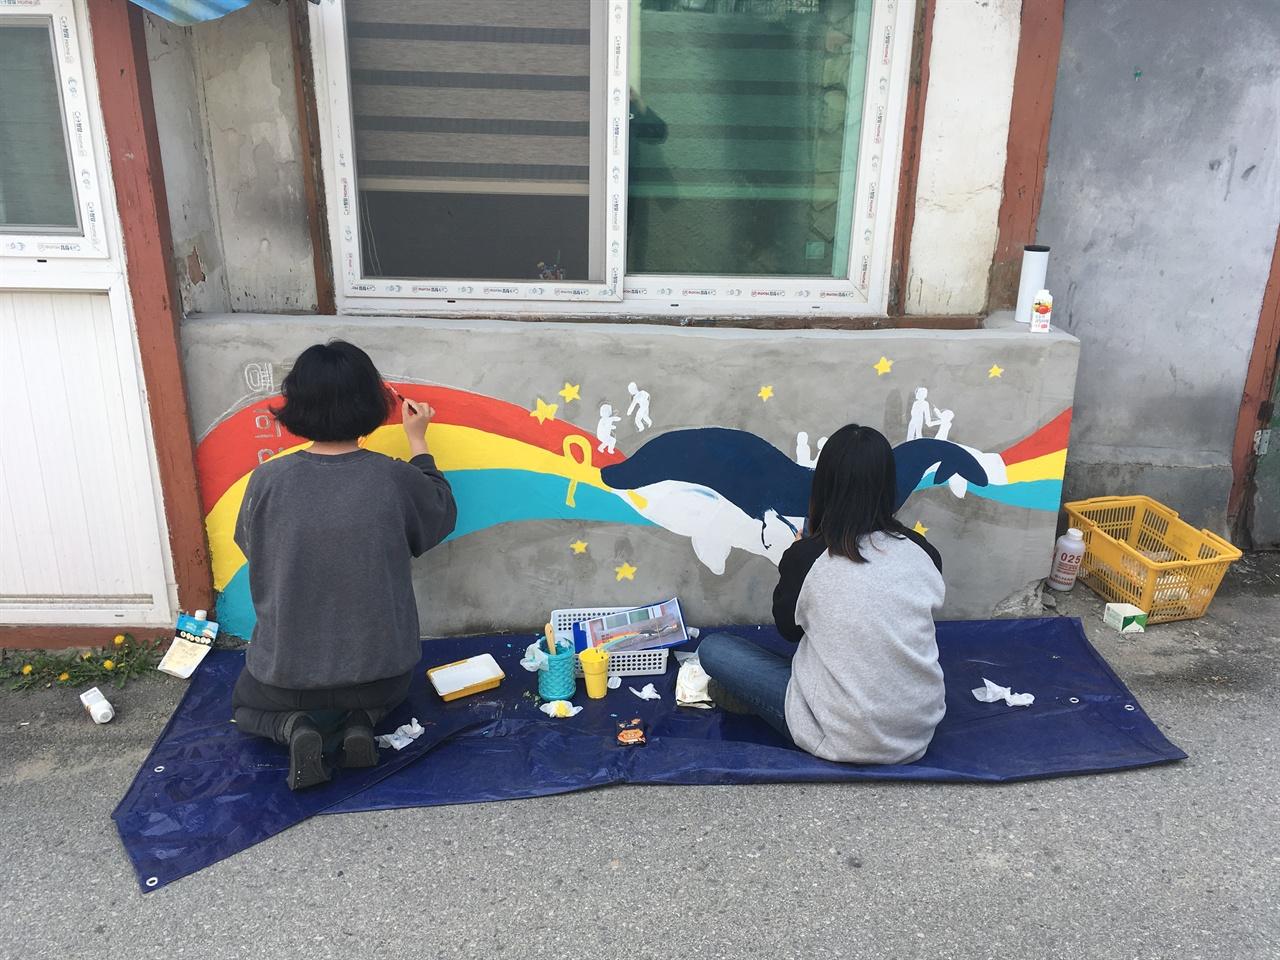 강릉 청년들이 강릉시 용강동 건물 외벽에 두 번째 벽화를 그리고 있다.